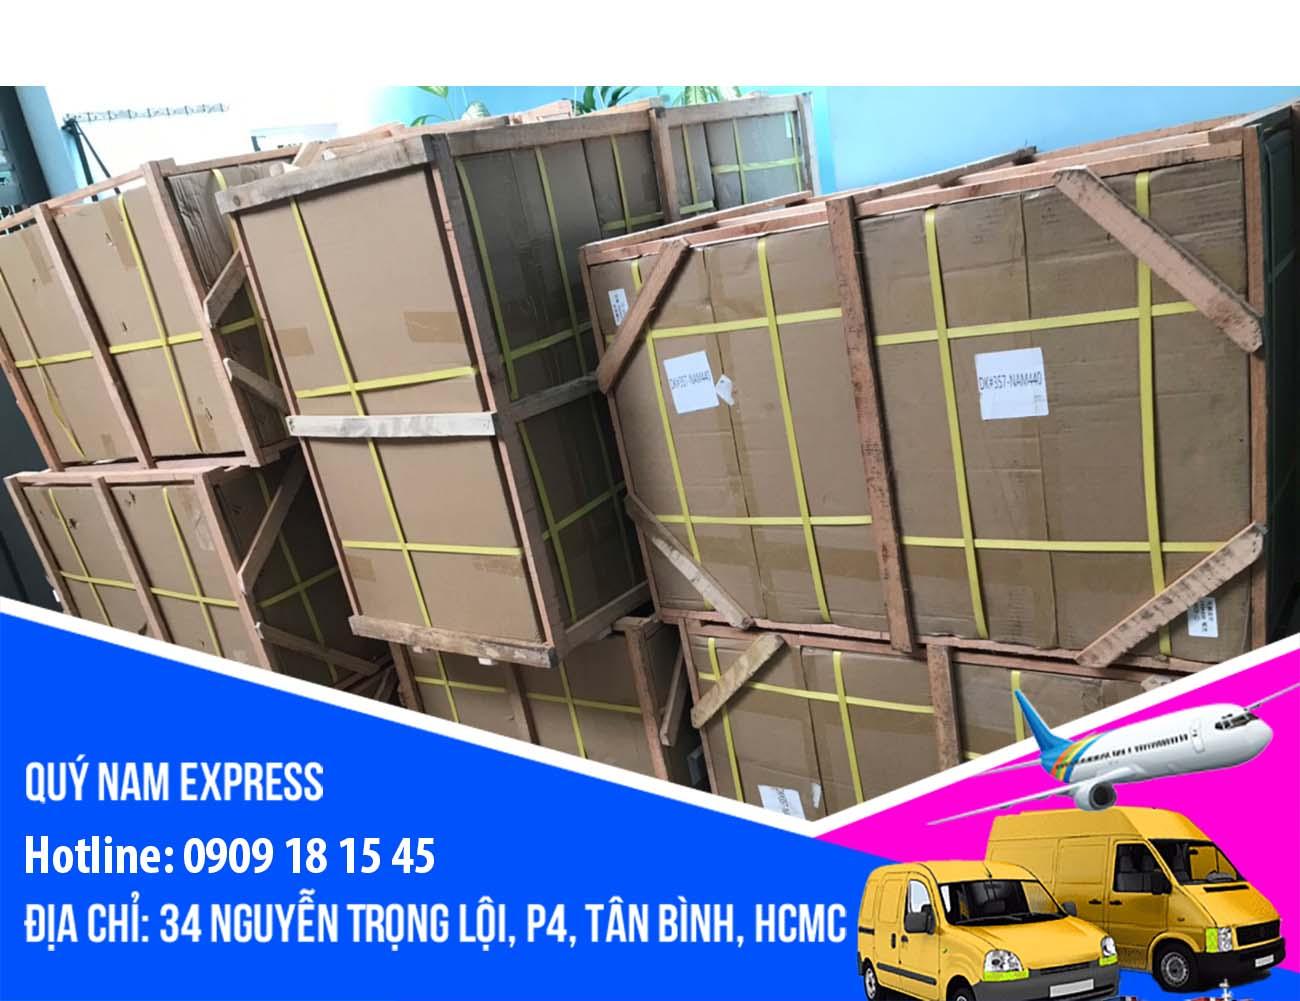 Vận chuyển hàng Quảng Châu giá rẻ